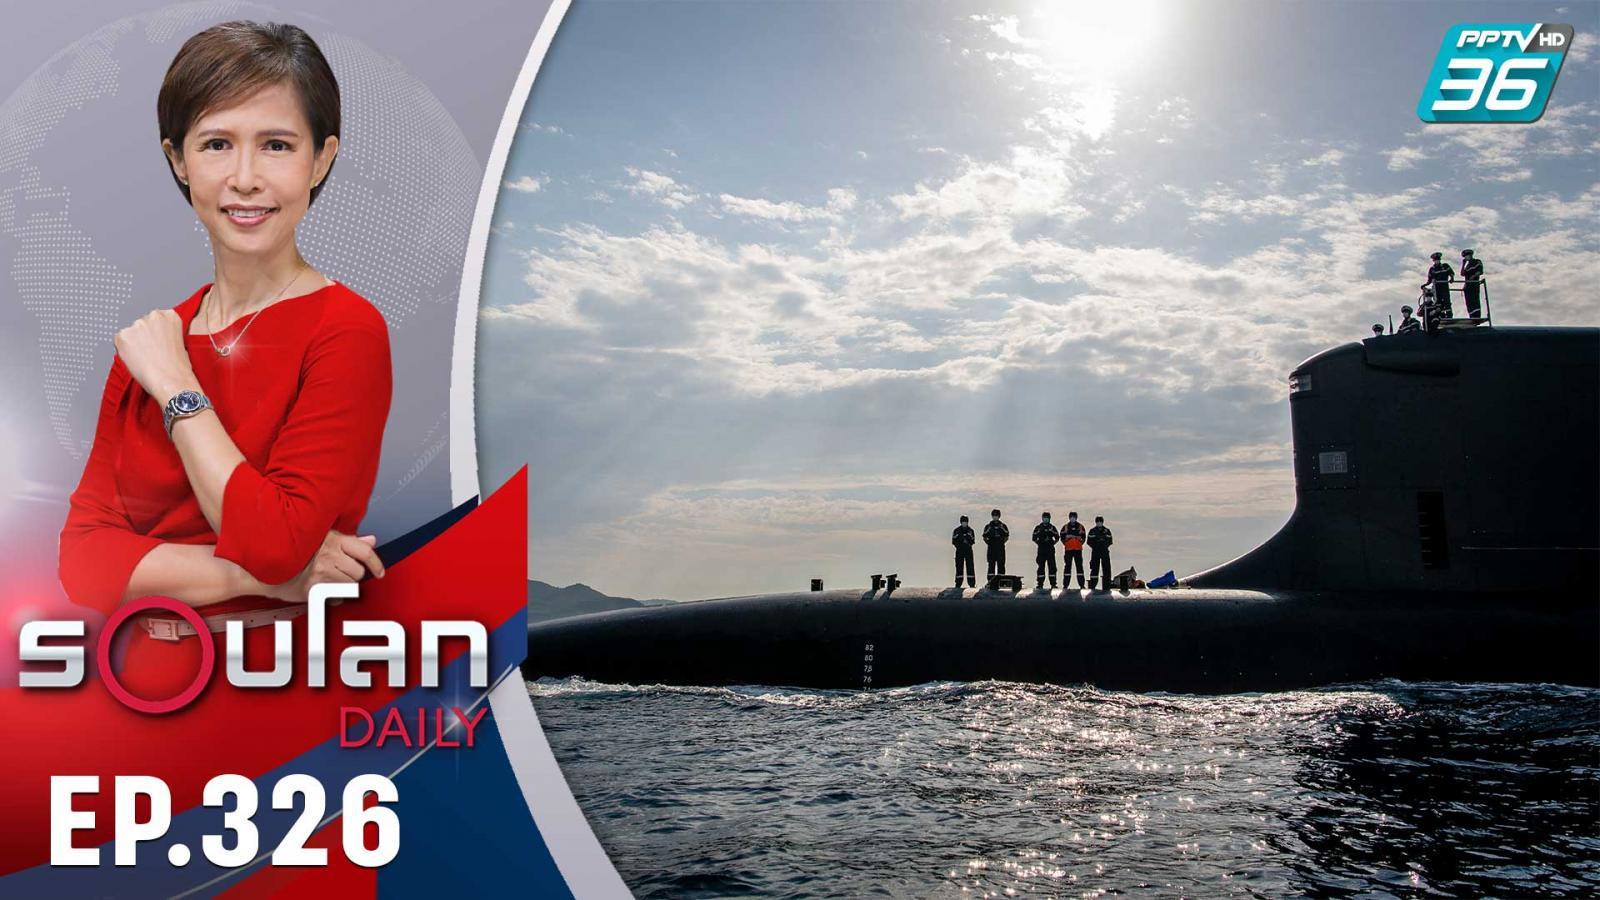 พันธมิตรเรือดำน้ำ ความร่วมมือเสริมอธิปไตยไต้หวัน   21 ก.ย. 64   รอบโลก DAILY